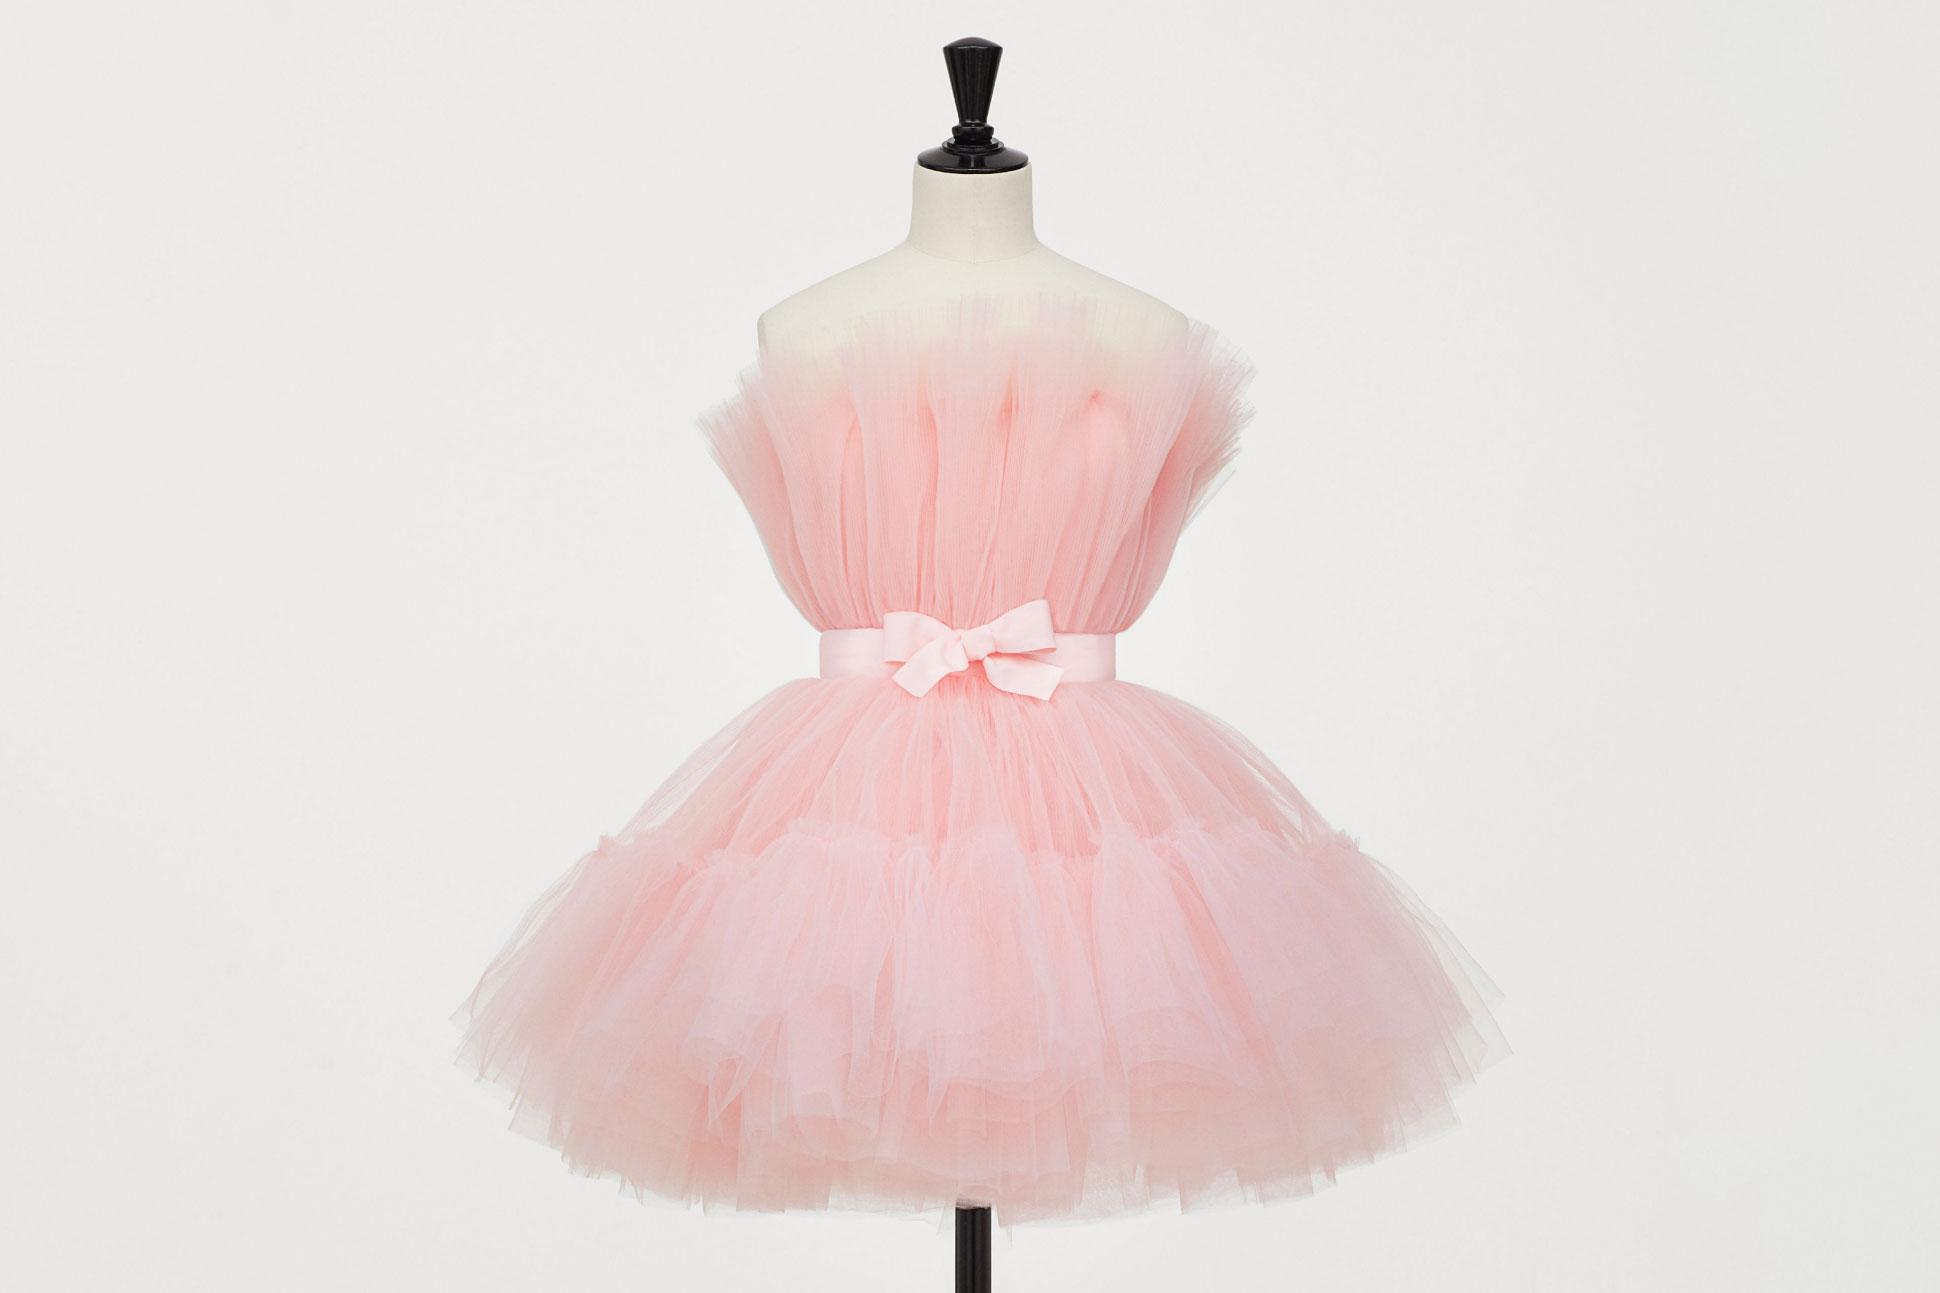 H&M x Giambattista Valli Short Tulle Dress